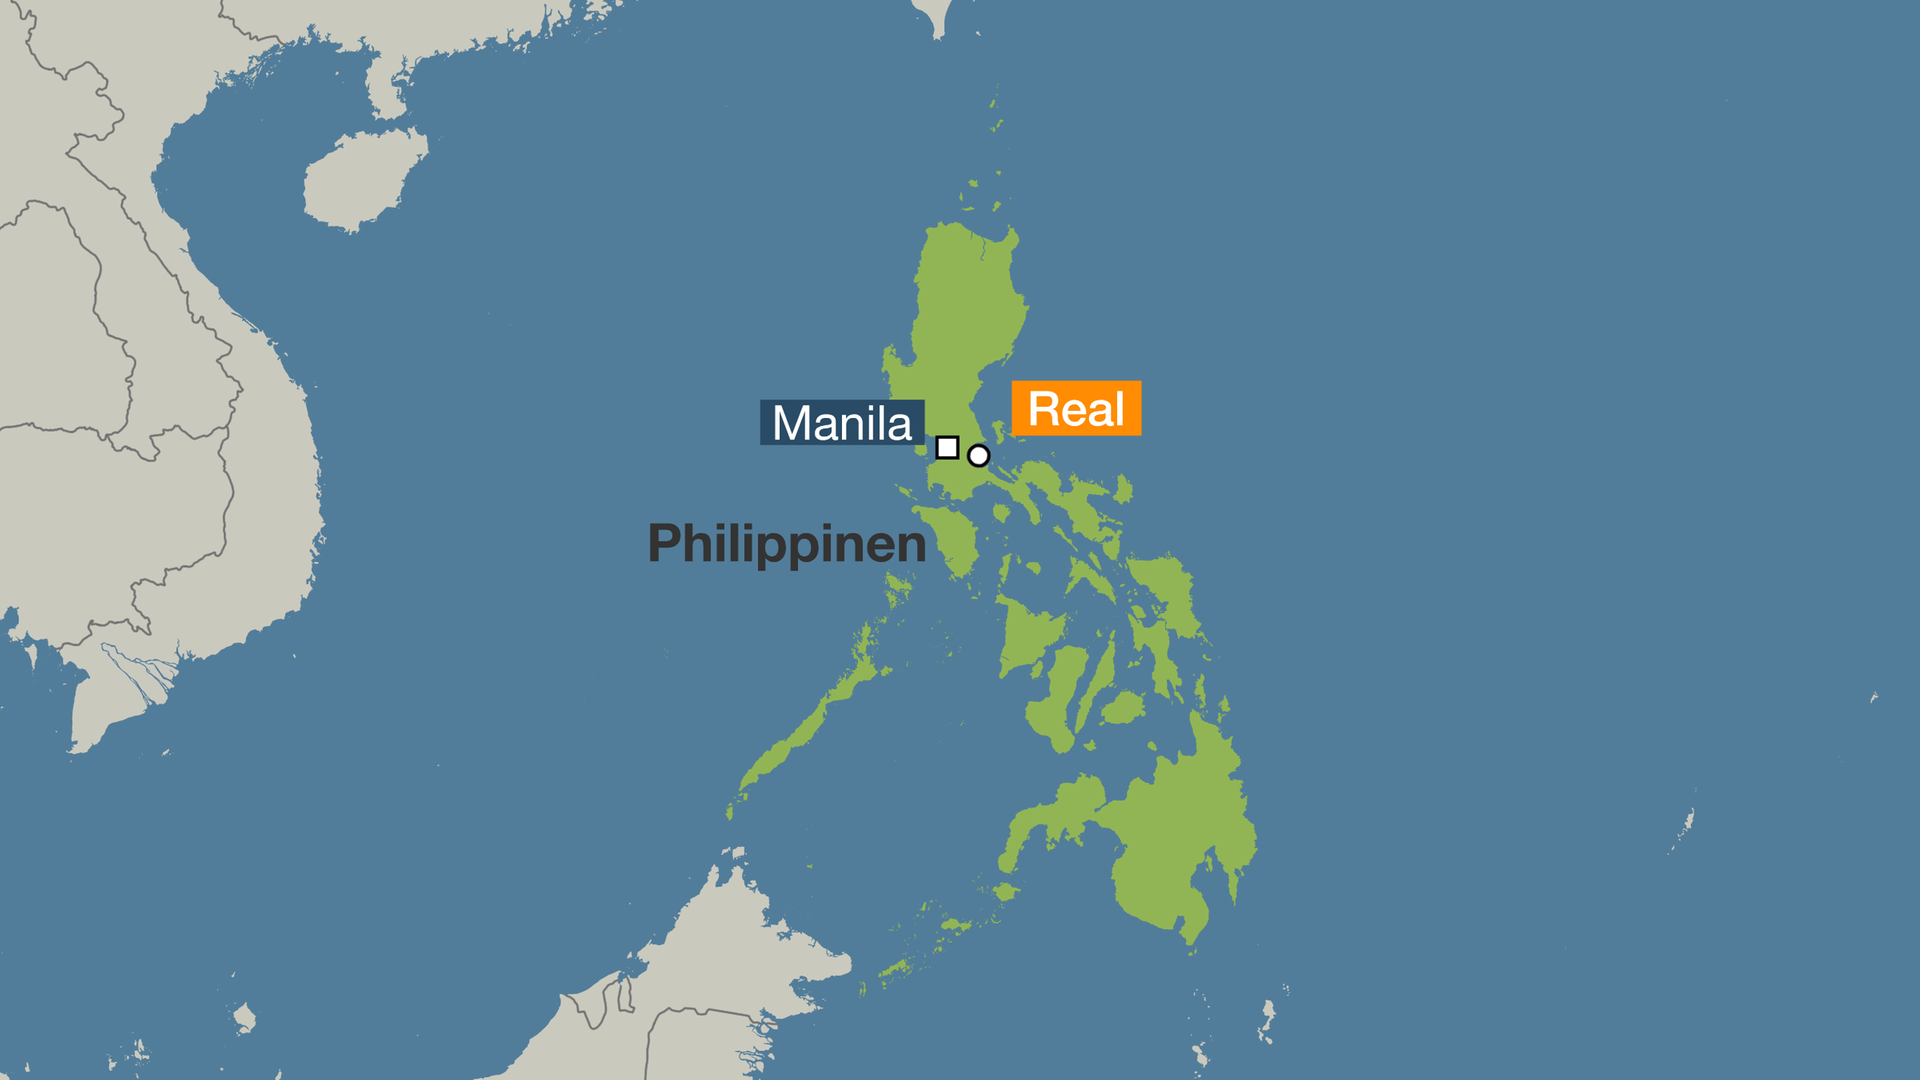 Karte Philippinen.Philippinische Behörden Heben Tsunami Warnung Auf Zdfmediathek